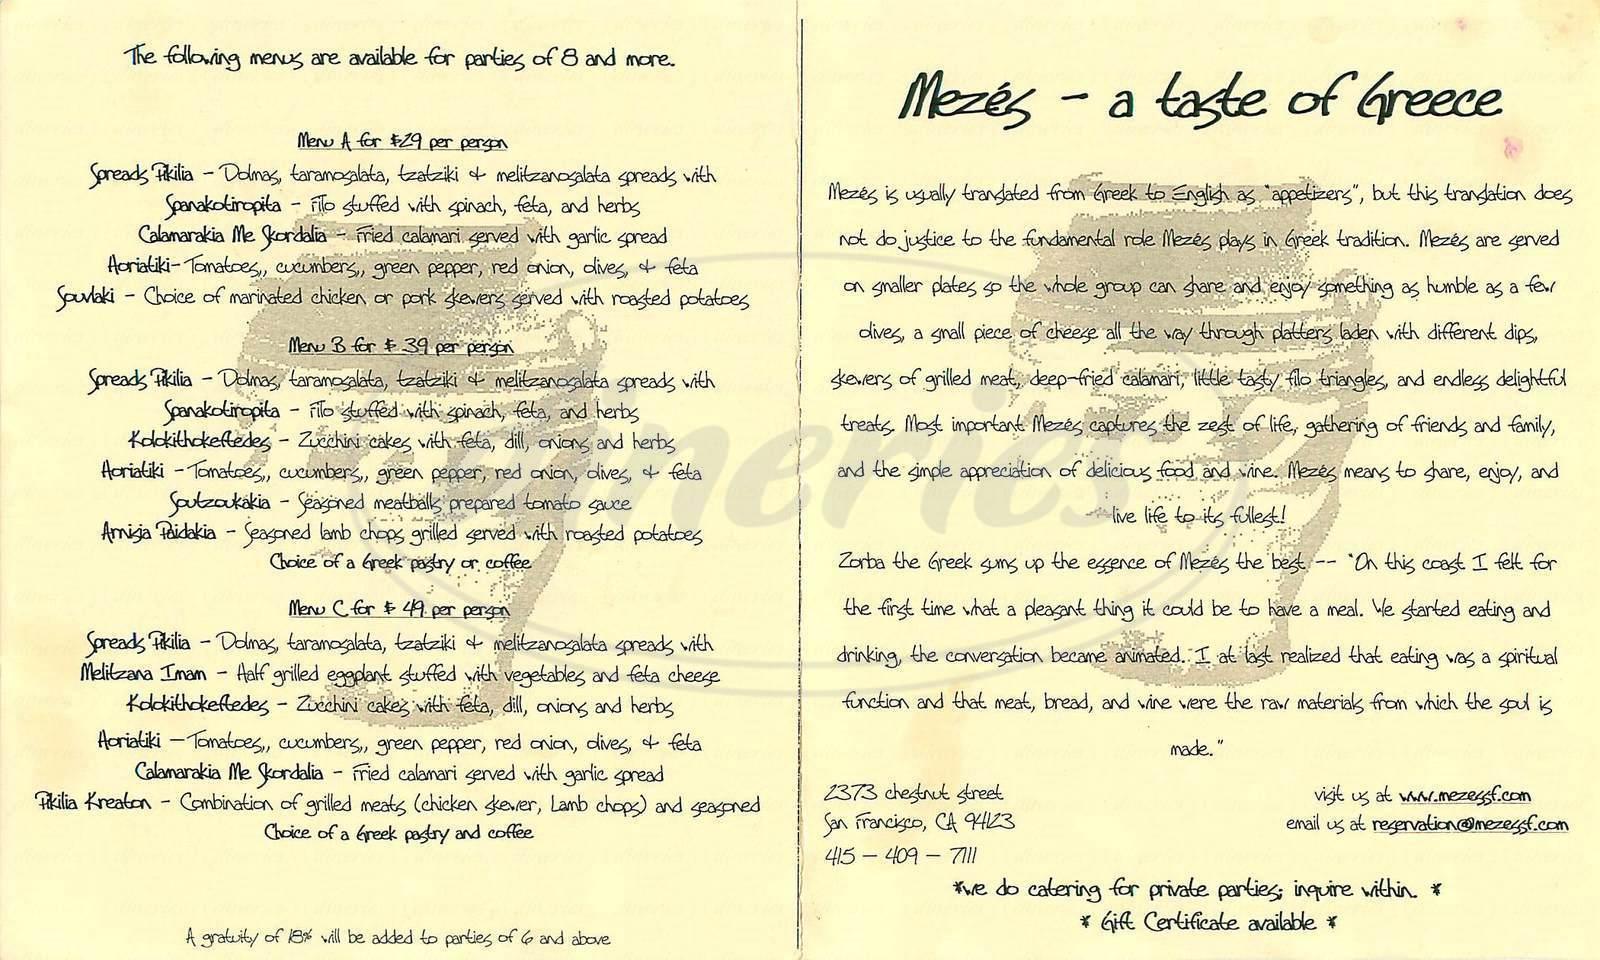 menu for Mezes